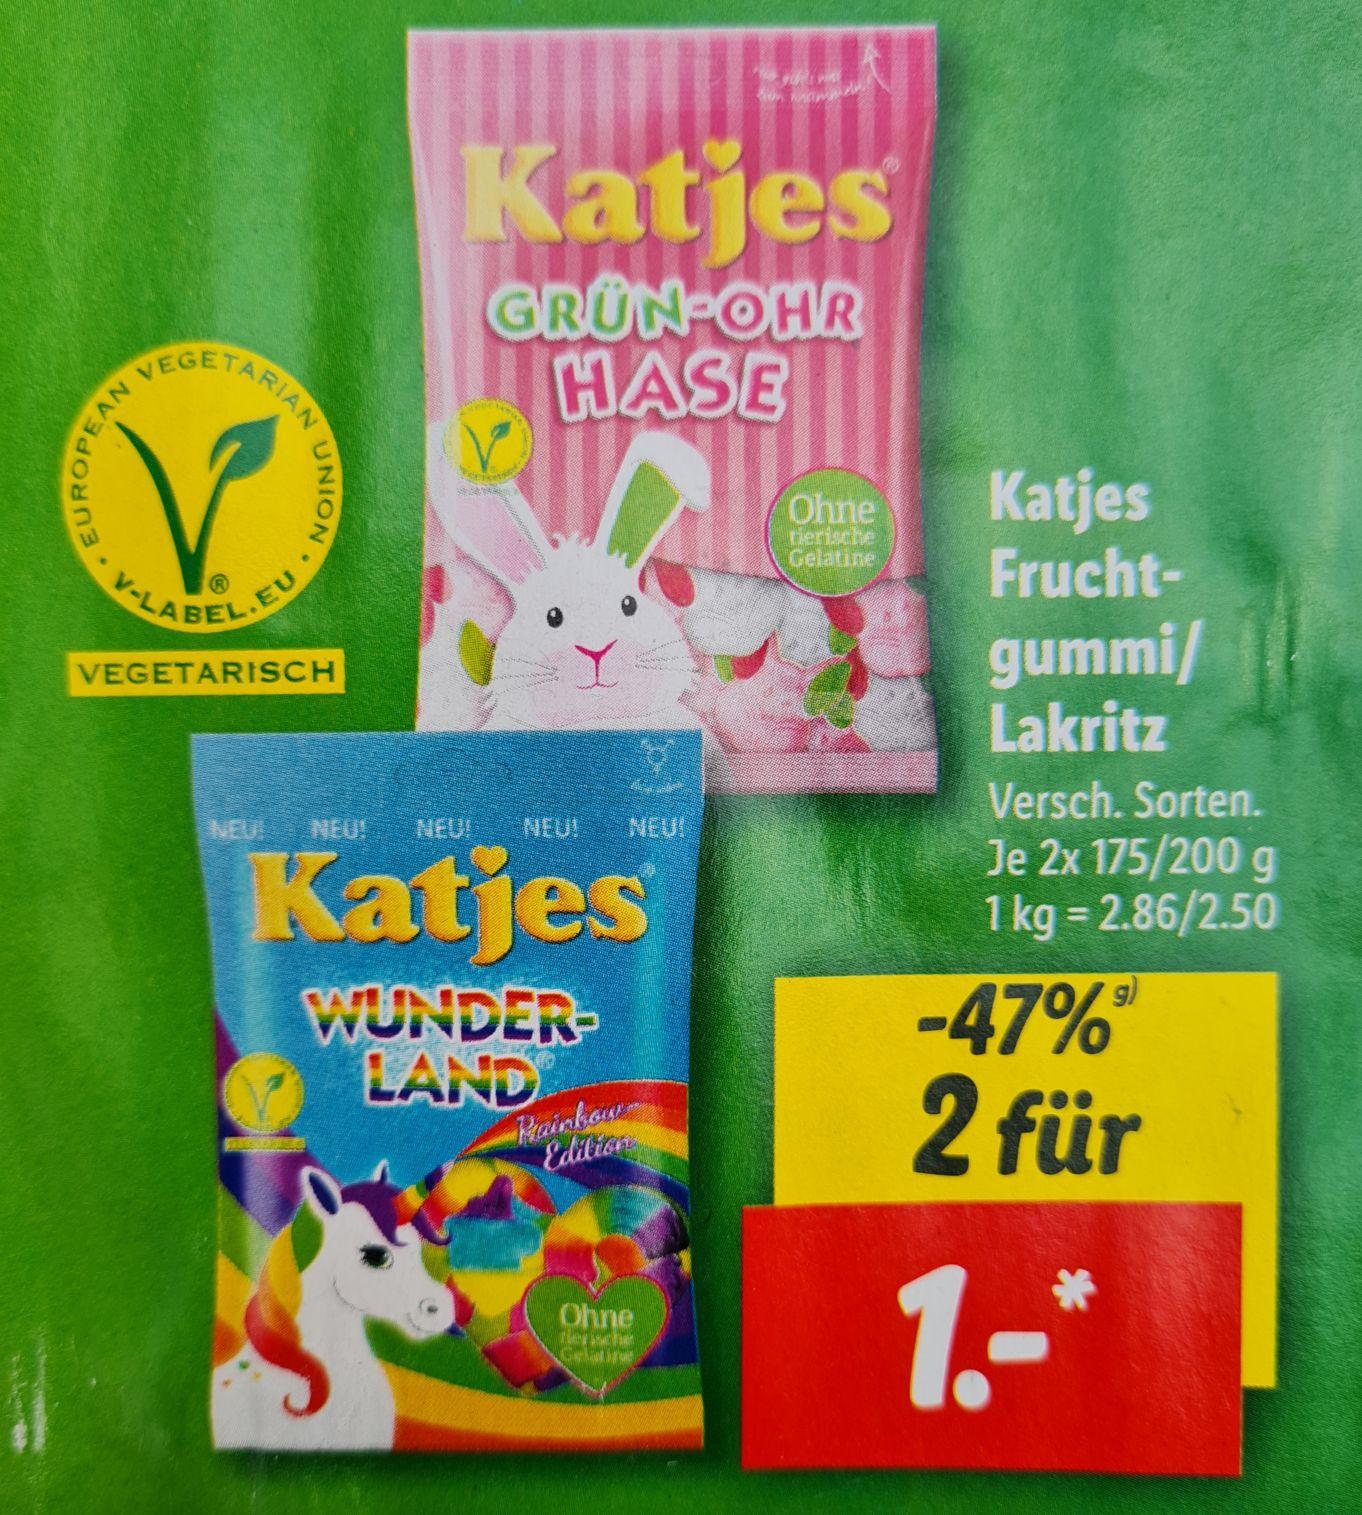 2 x Katjes Fruchtgummi UND ALLES unten in der Werbung für 1, 2, 3 oder 4 Euro ab 21-26.06 Lidl